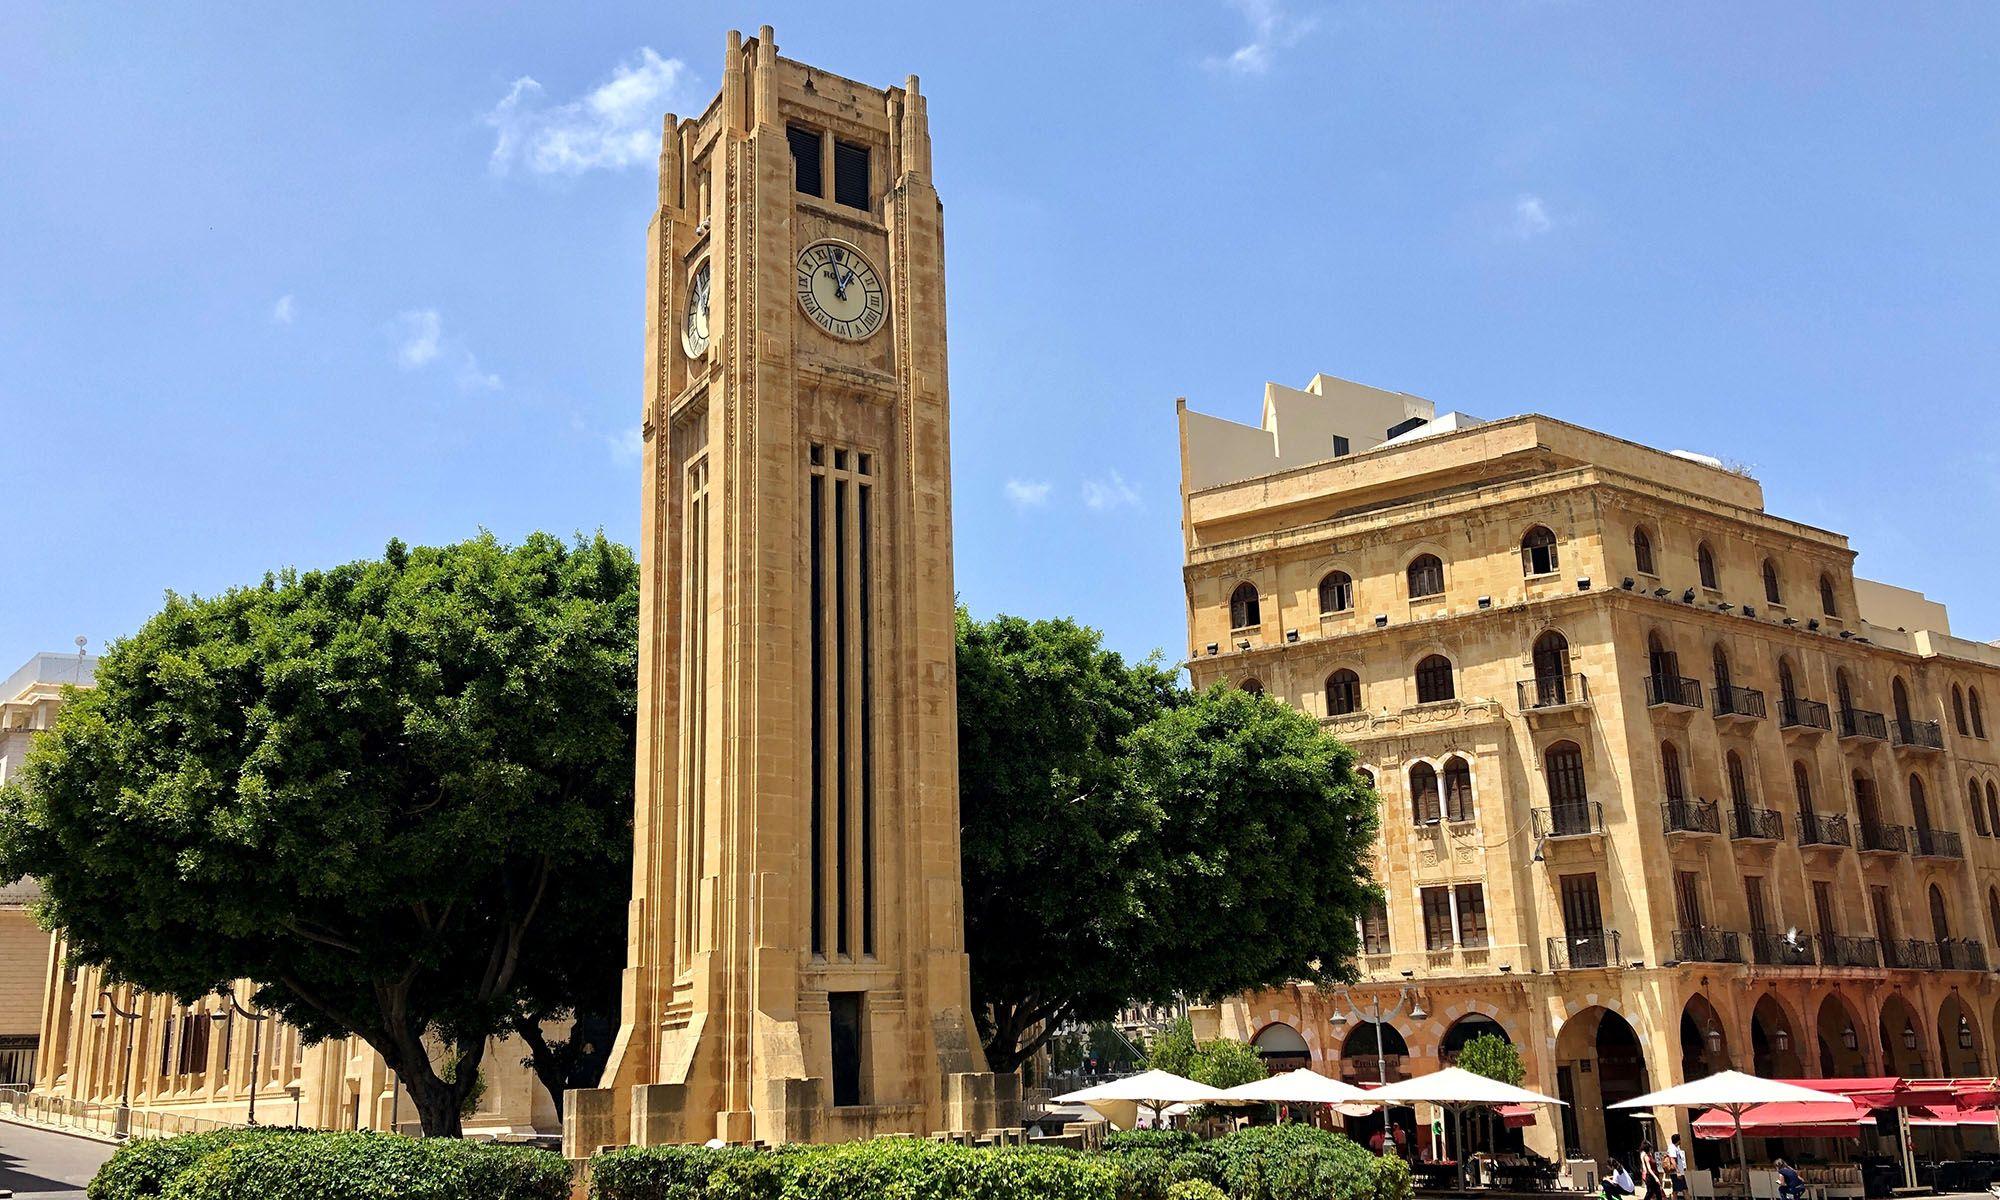 Libanon Beiroet Klokkentoren